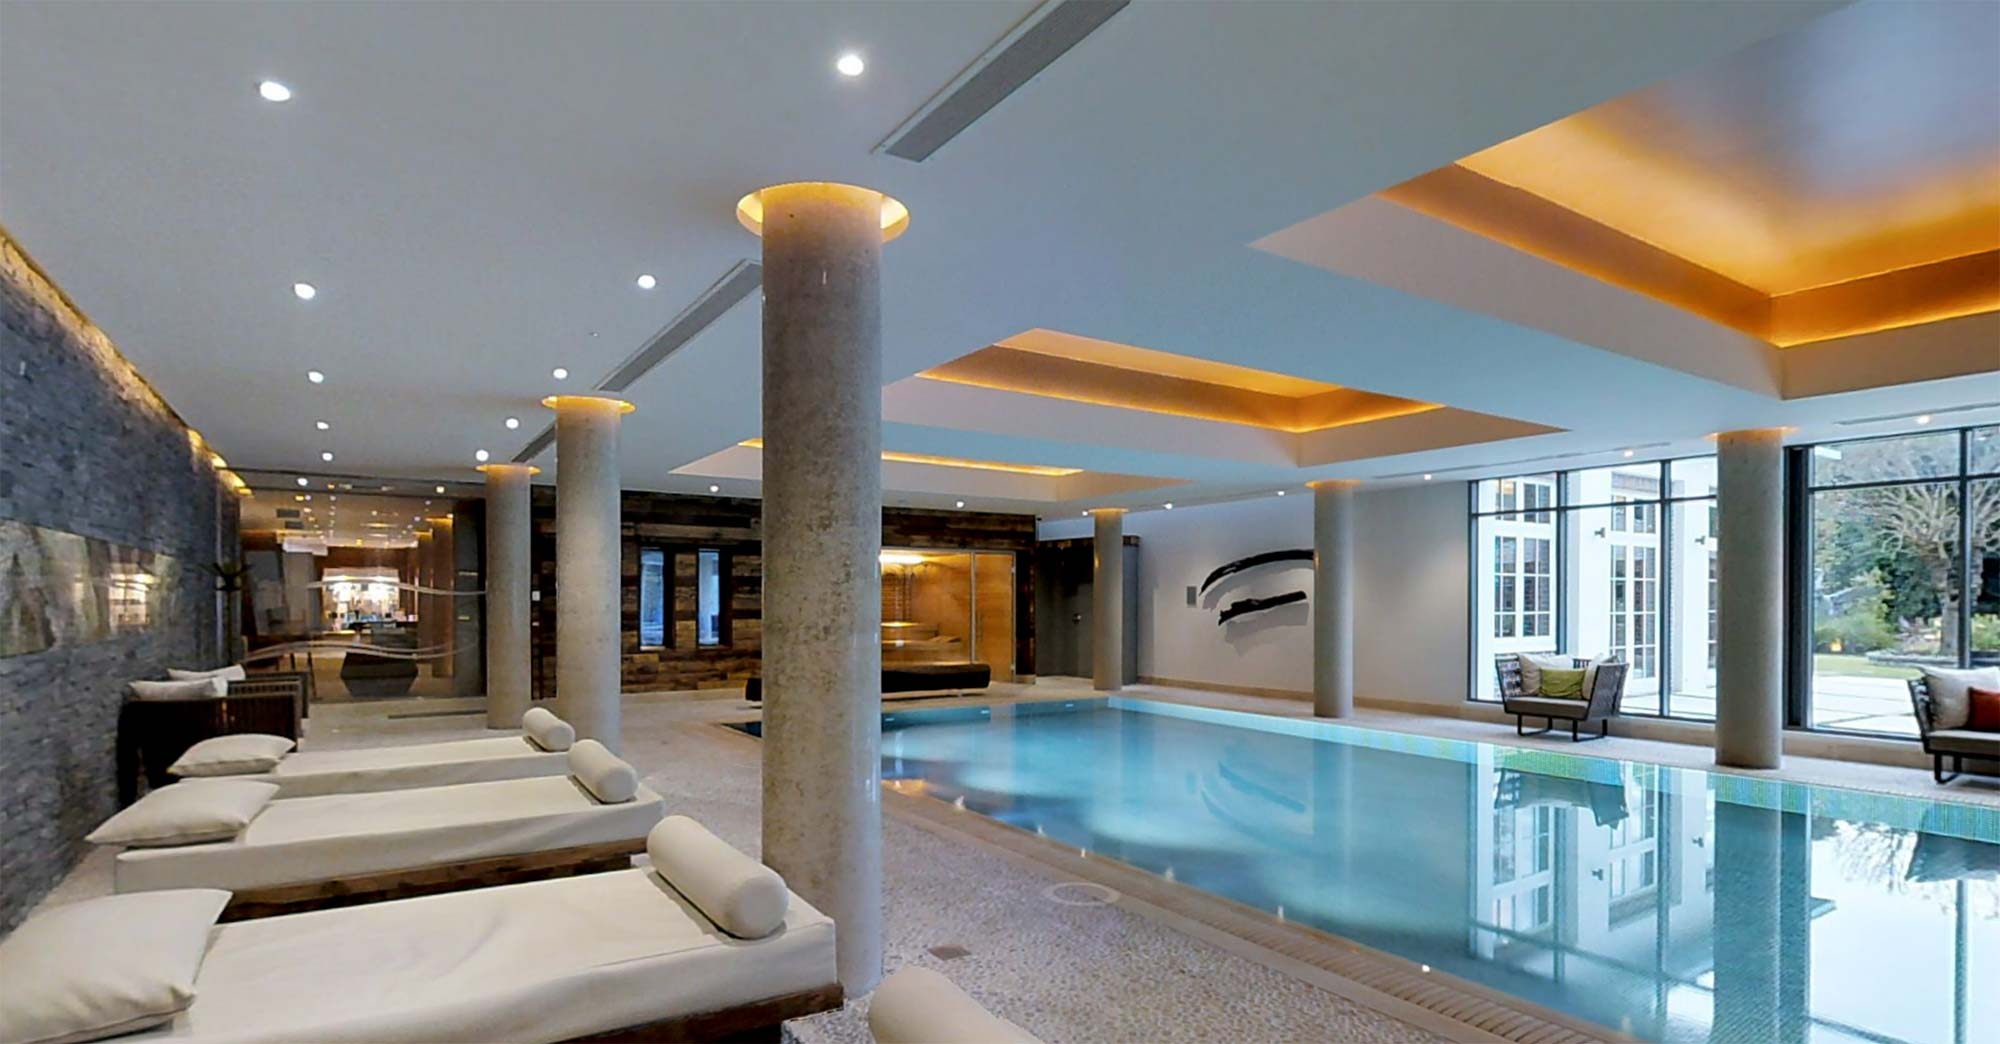 Visite virtuelle 3d Hôtel-Spa